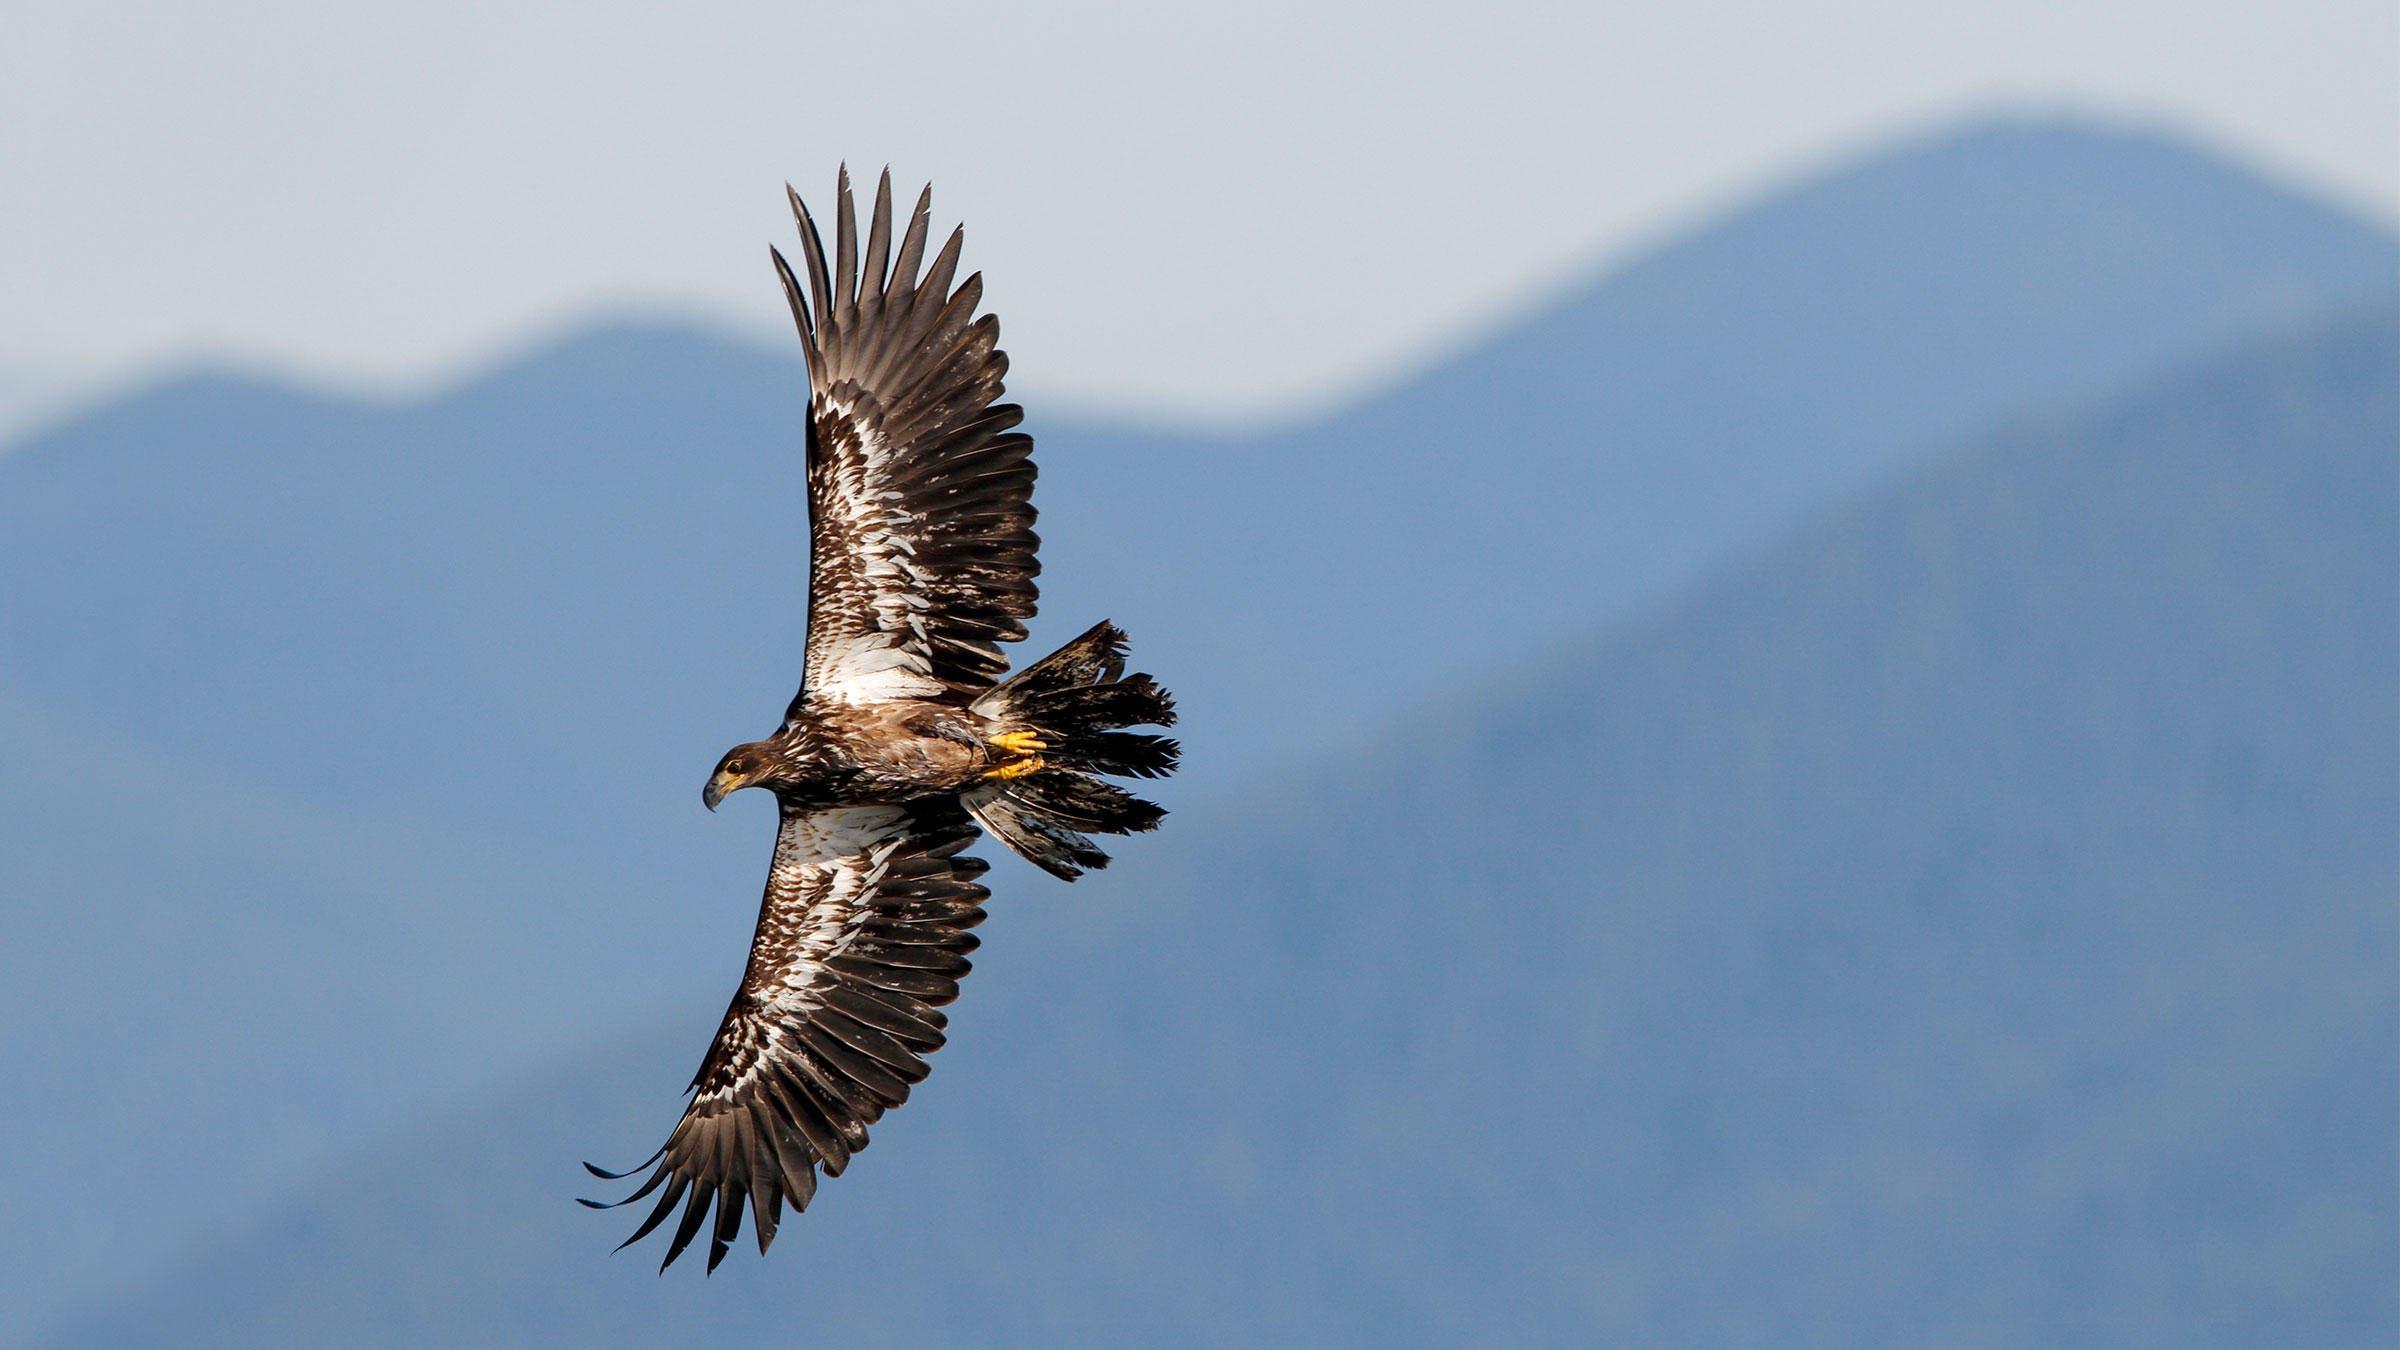 A1_3724_1_bald Eagle_nathan_rolls_kk